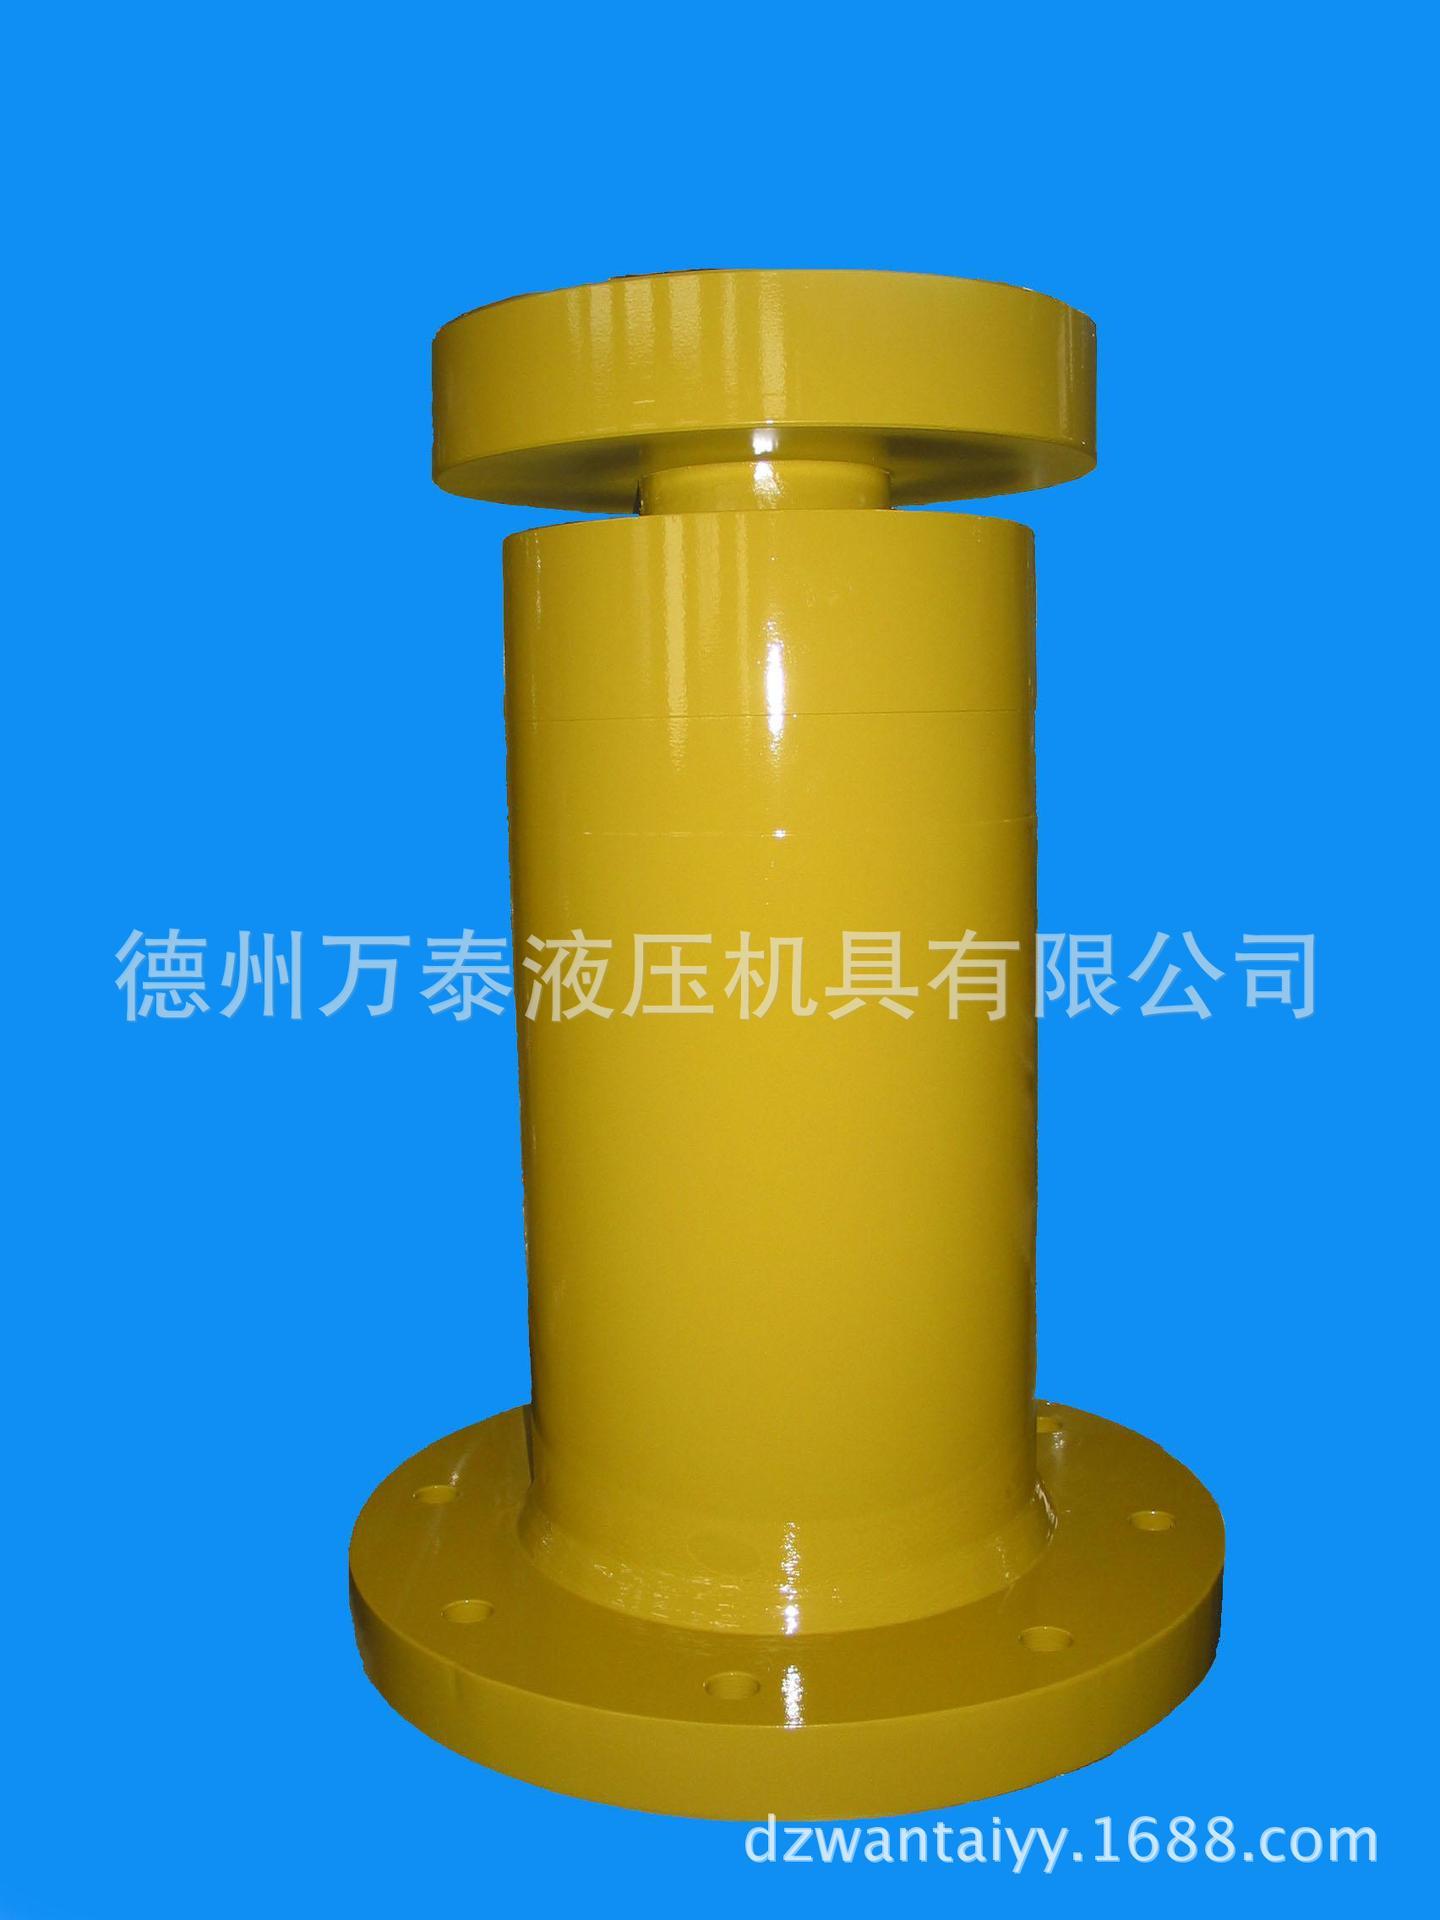 类型 活塞式液压缸 安装形式 双耳式 型号 qfll 压力范围 63(mpa)图片